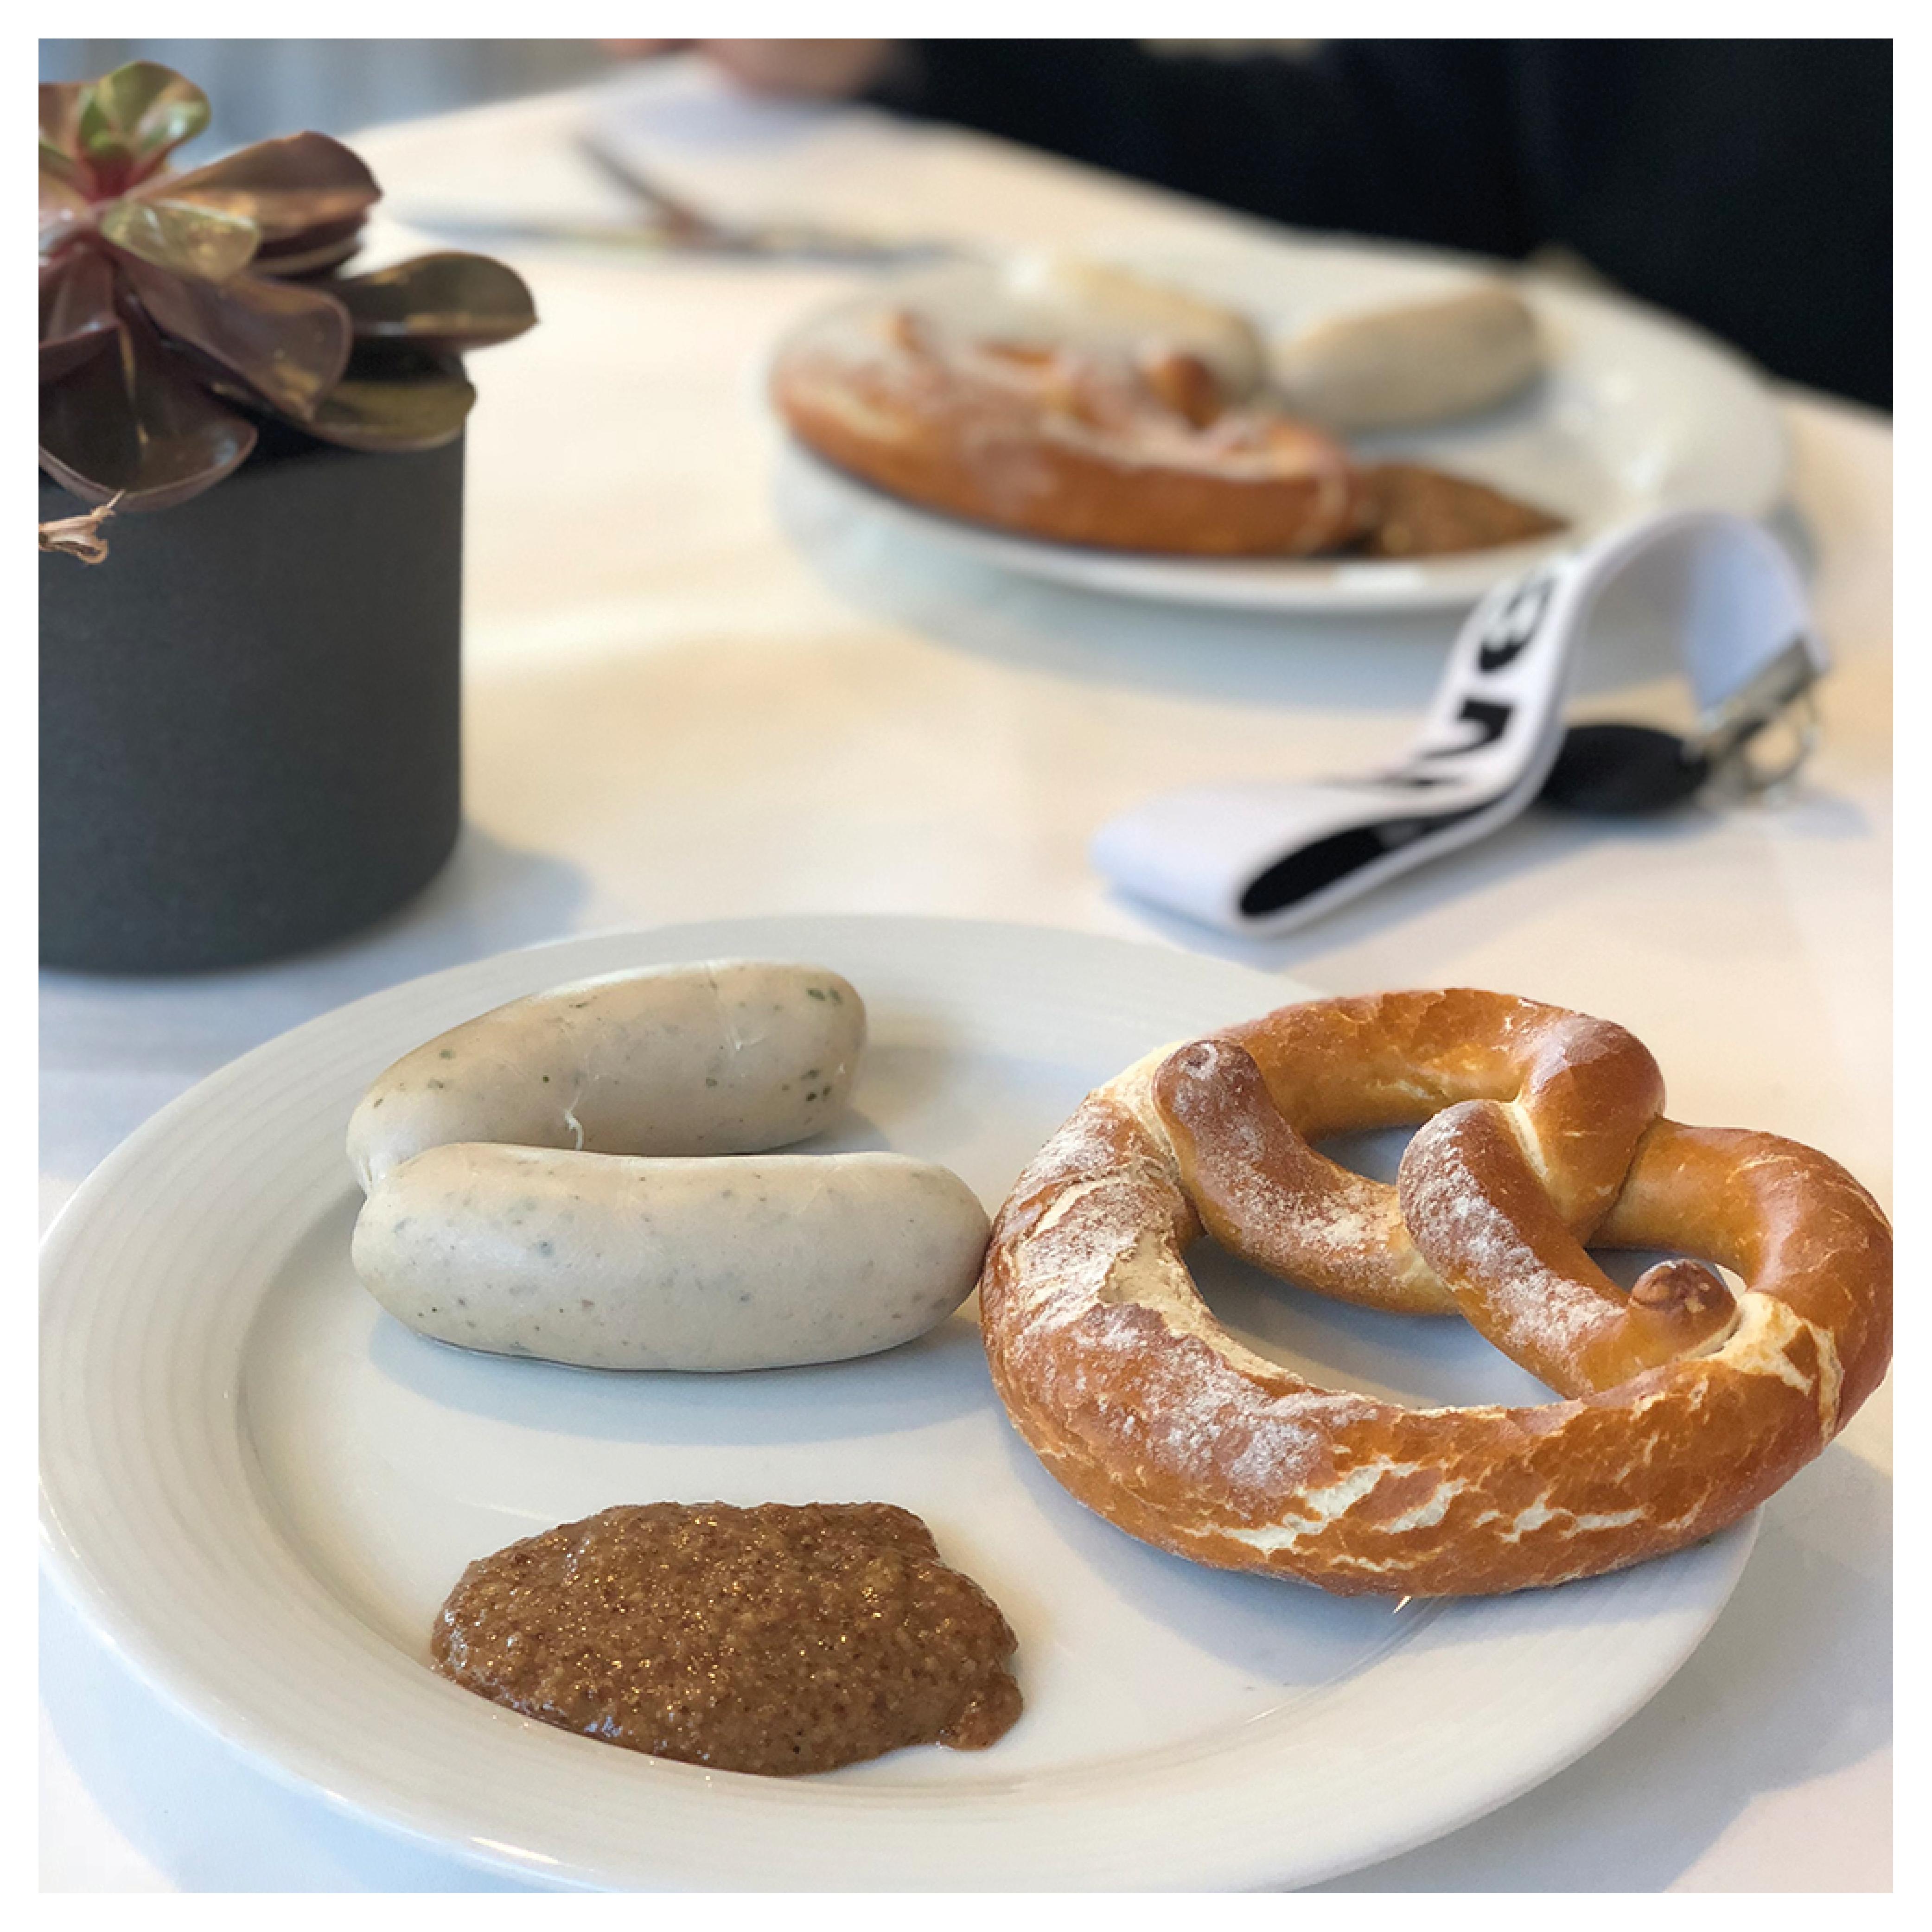 Weisswurst Frühstück in der uvexeria Kantine in Fürth bei der uvex group